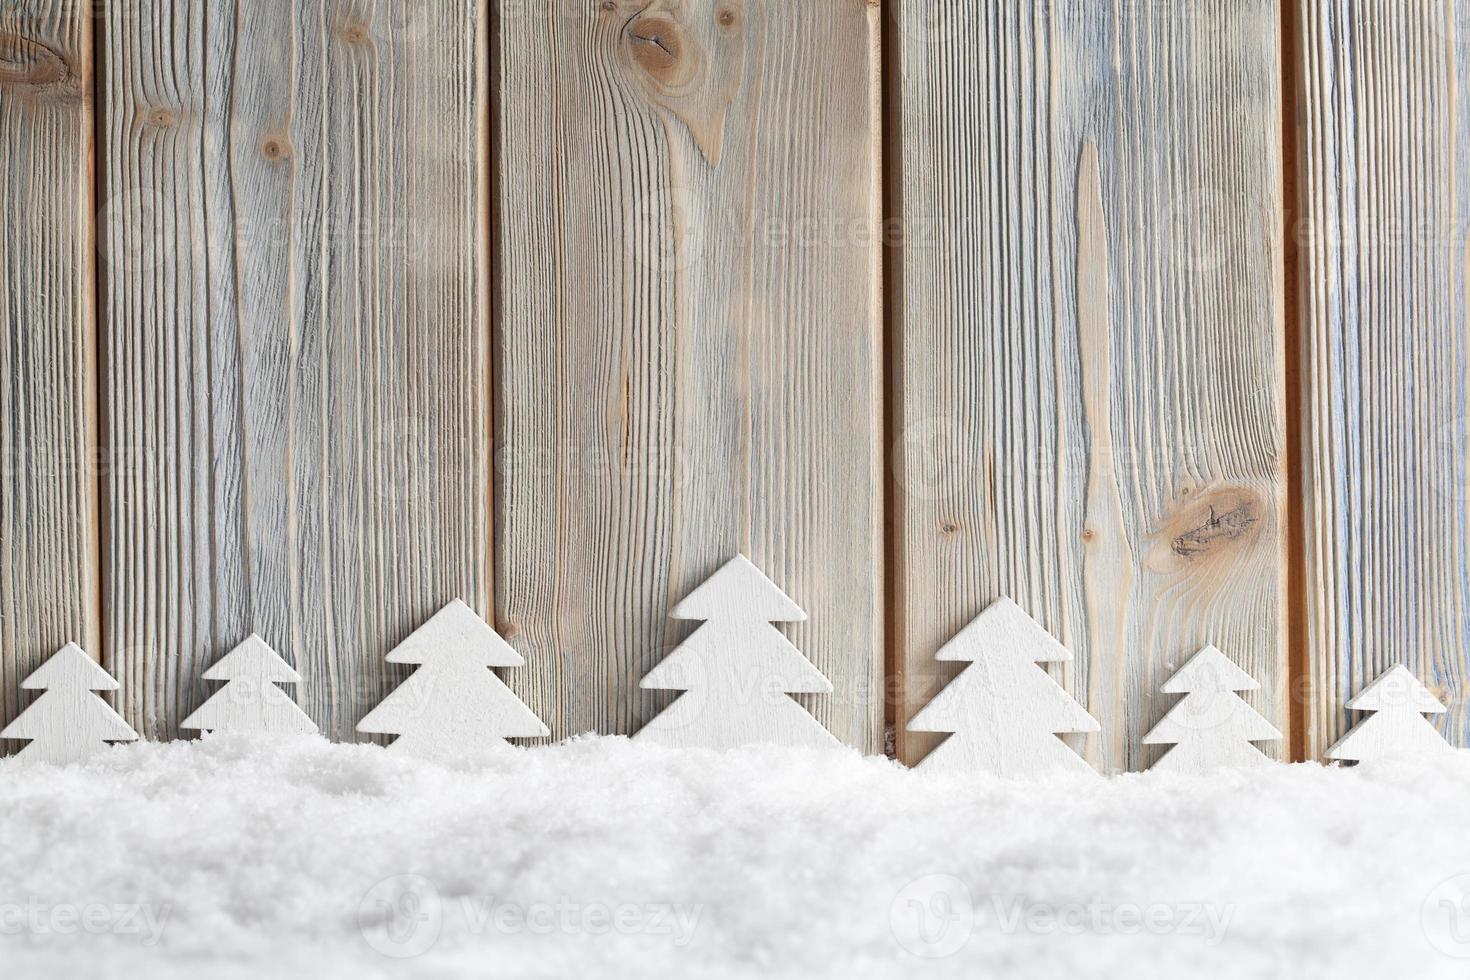 alberi di Natale sulla neve e sullo sfondo di legno foto